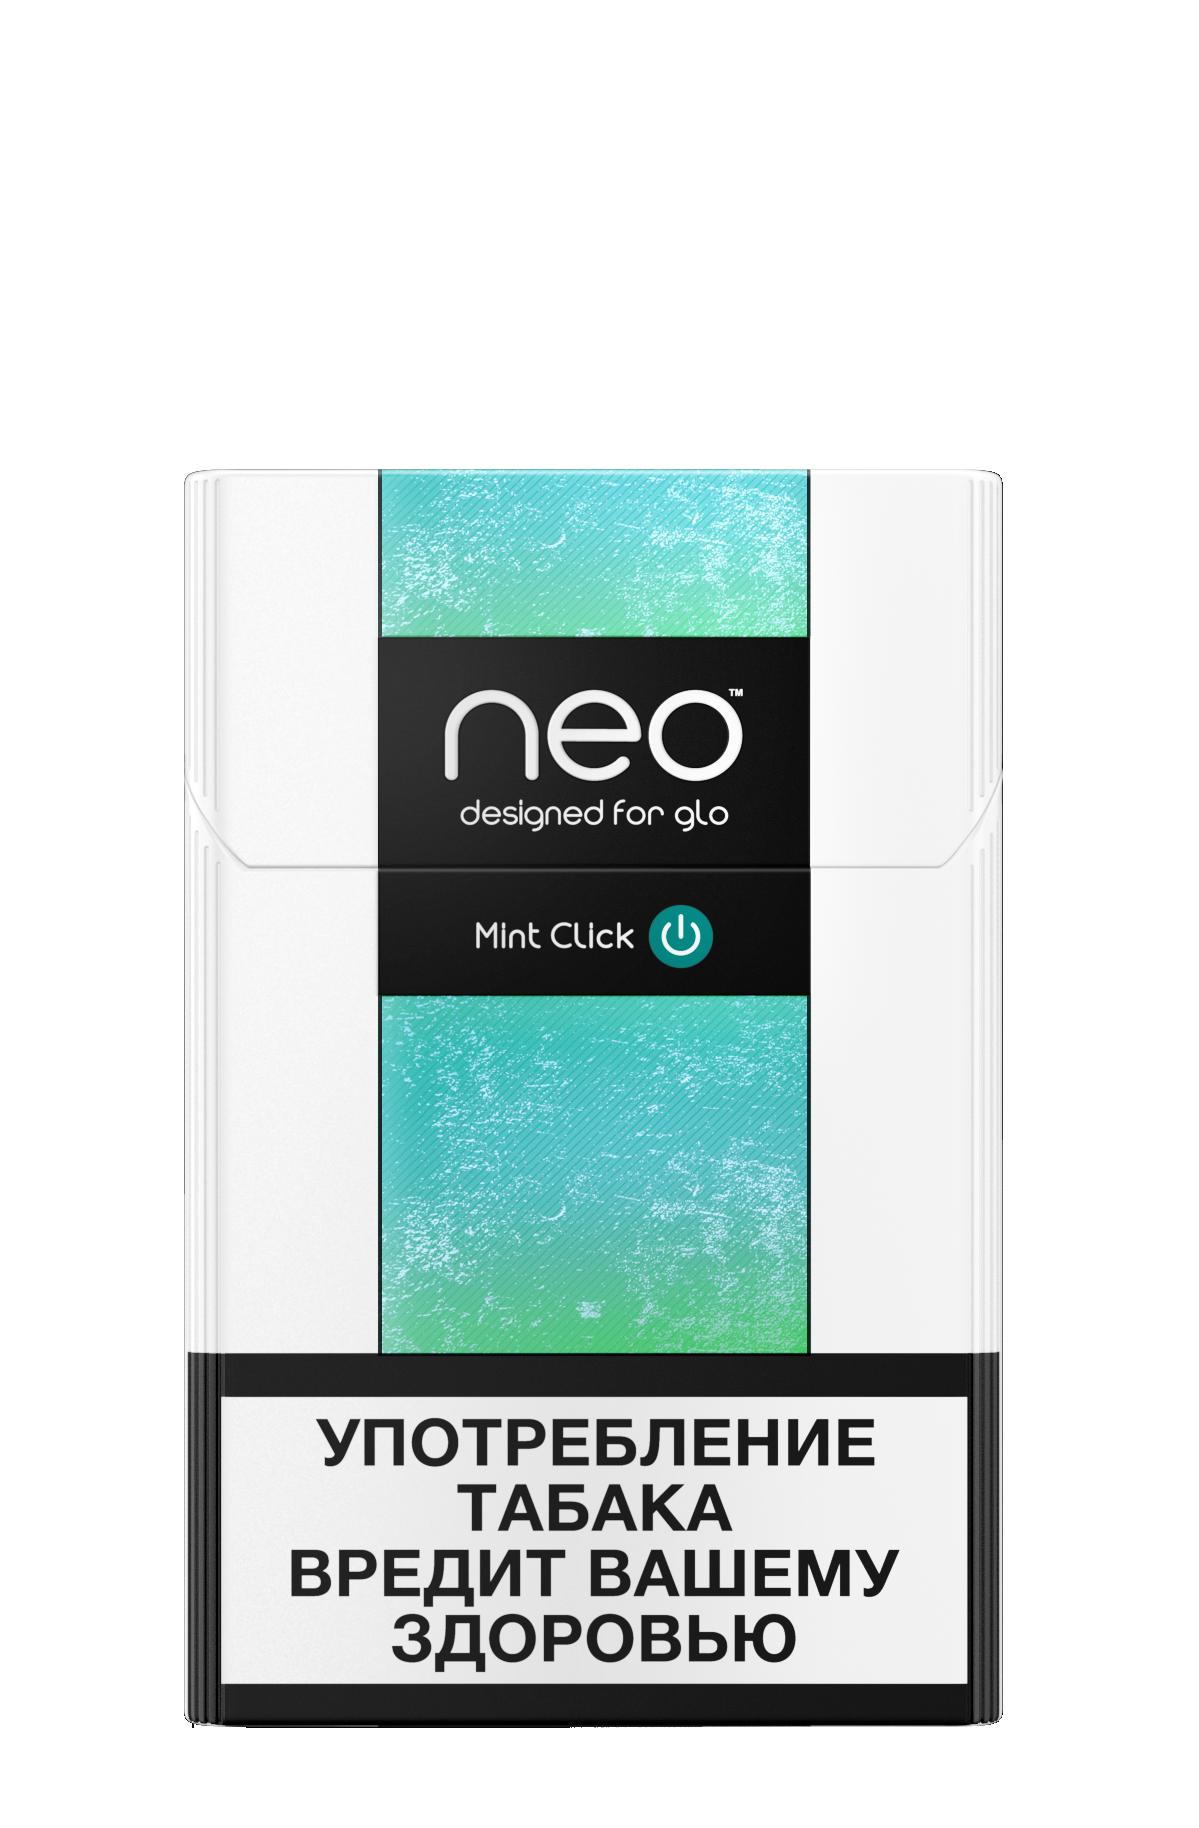 Купить сигареты neo магазин электронных сигарет купить